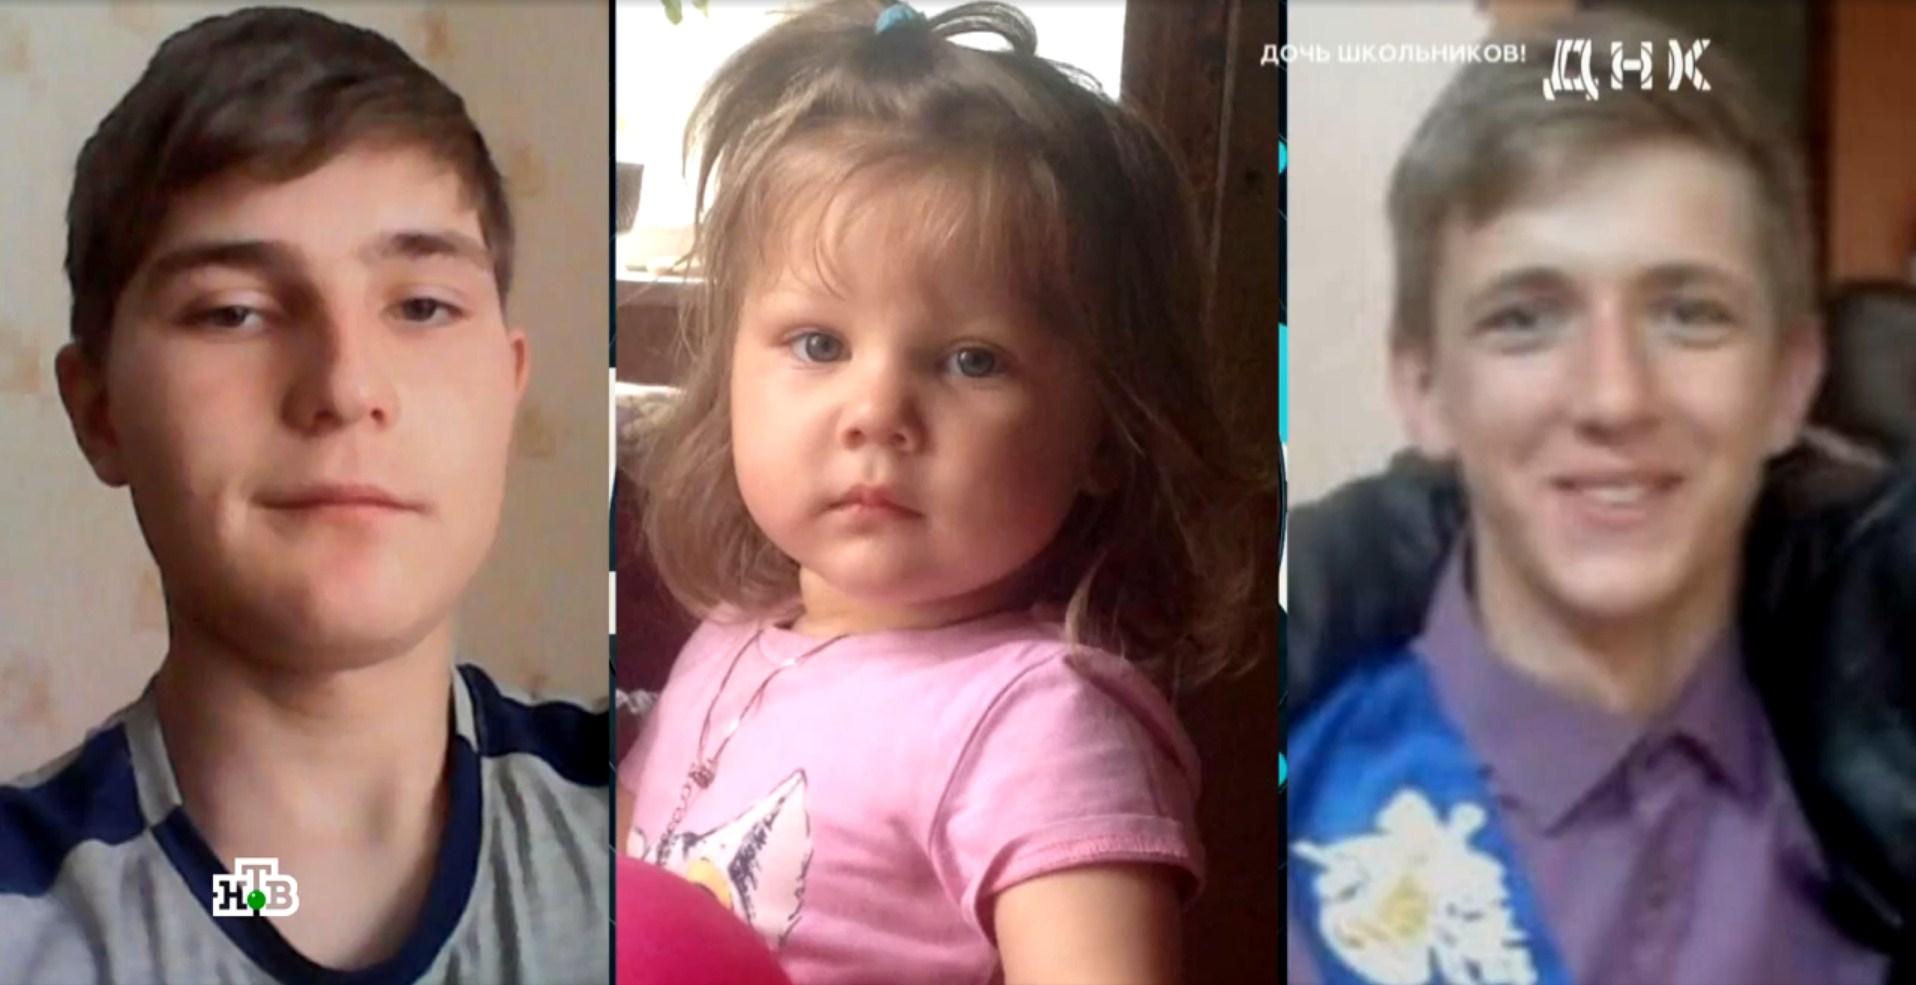 Одна семья была уверена, что дочь Валерии похожа на Дениса (слева), другая видела общие черты с Владимиром (справа)